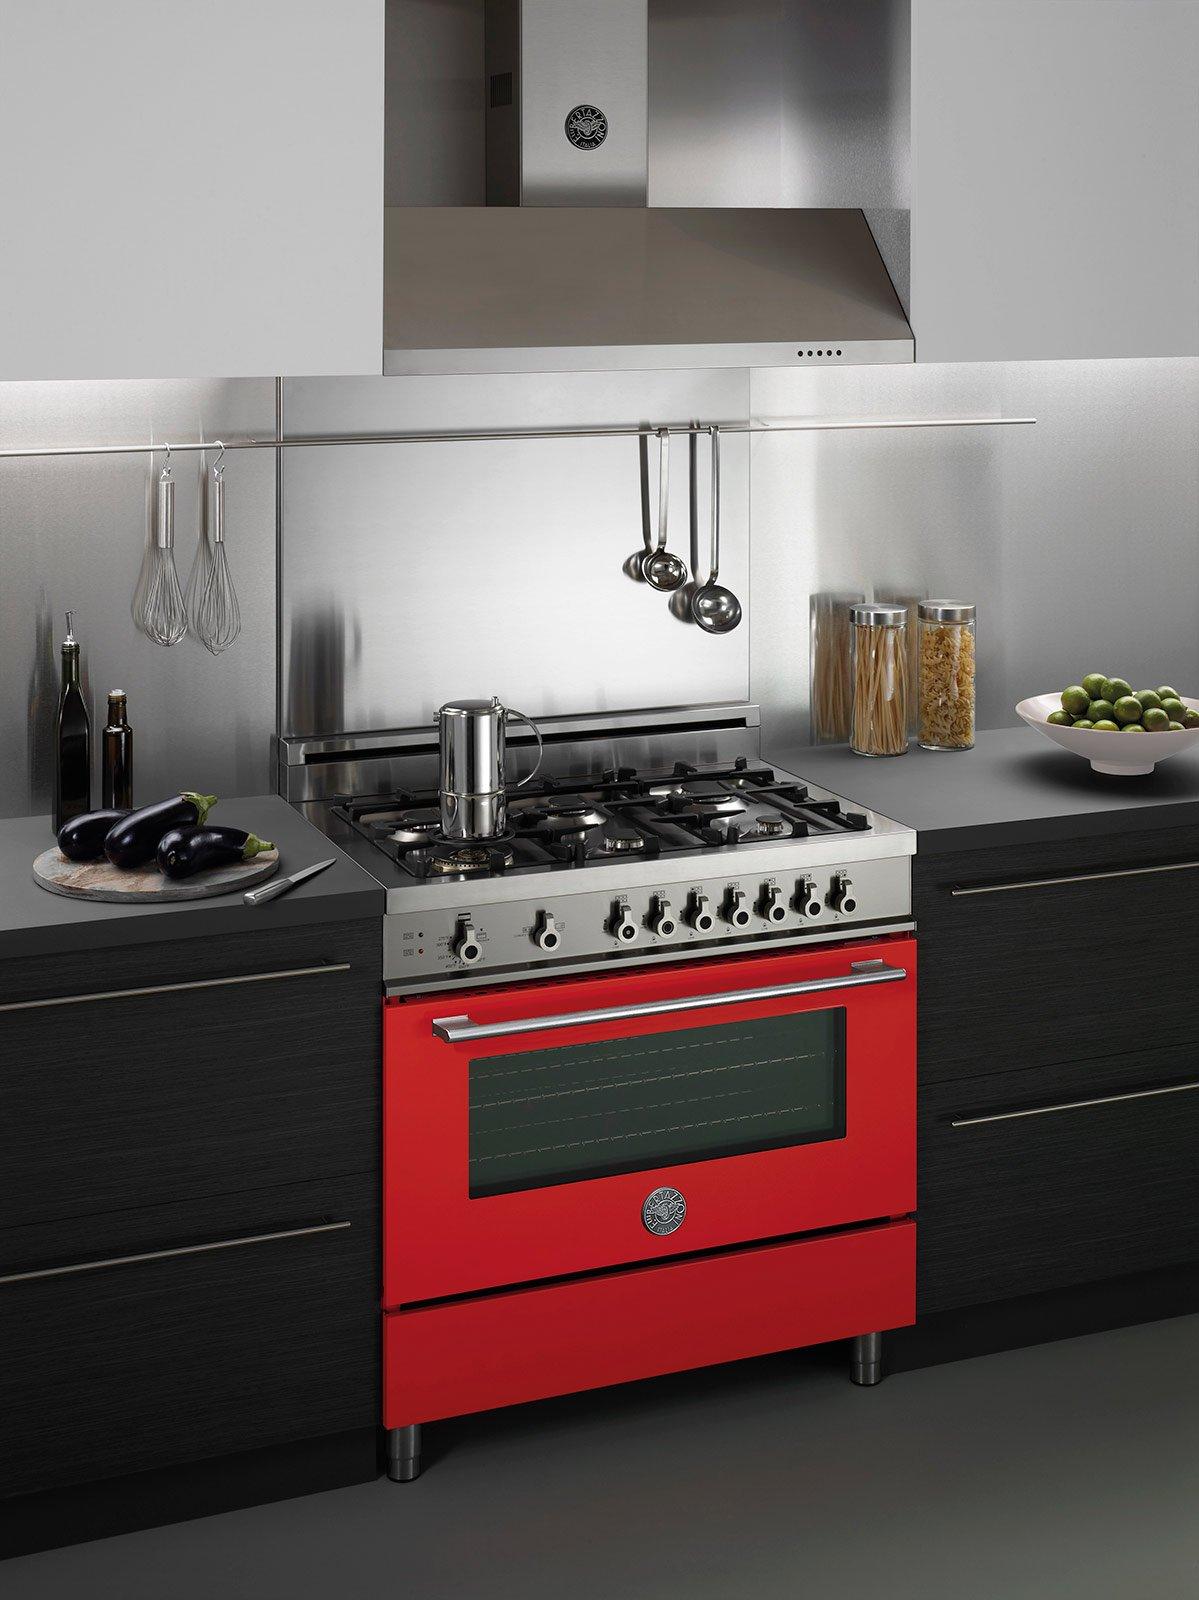 il monoblocco professional dual di bertazzoni con forno ibrido che pu funzionare sia a gas che